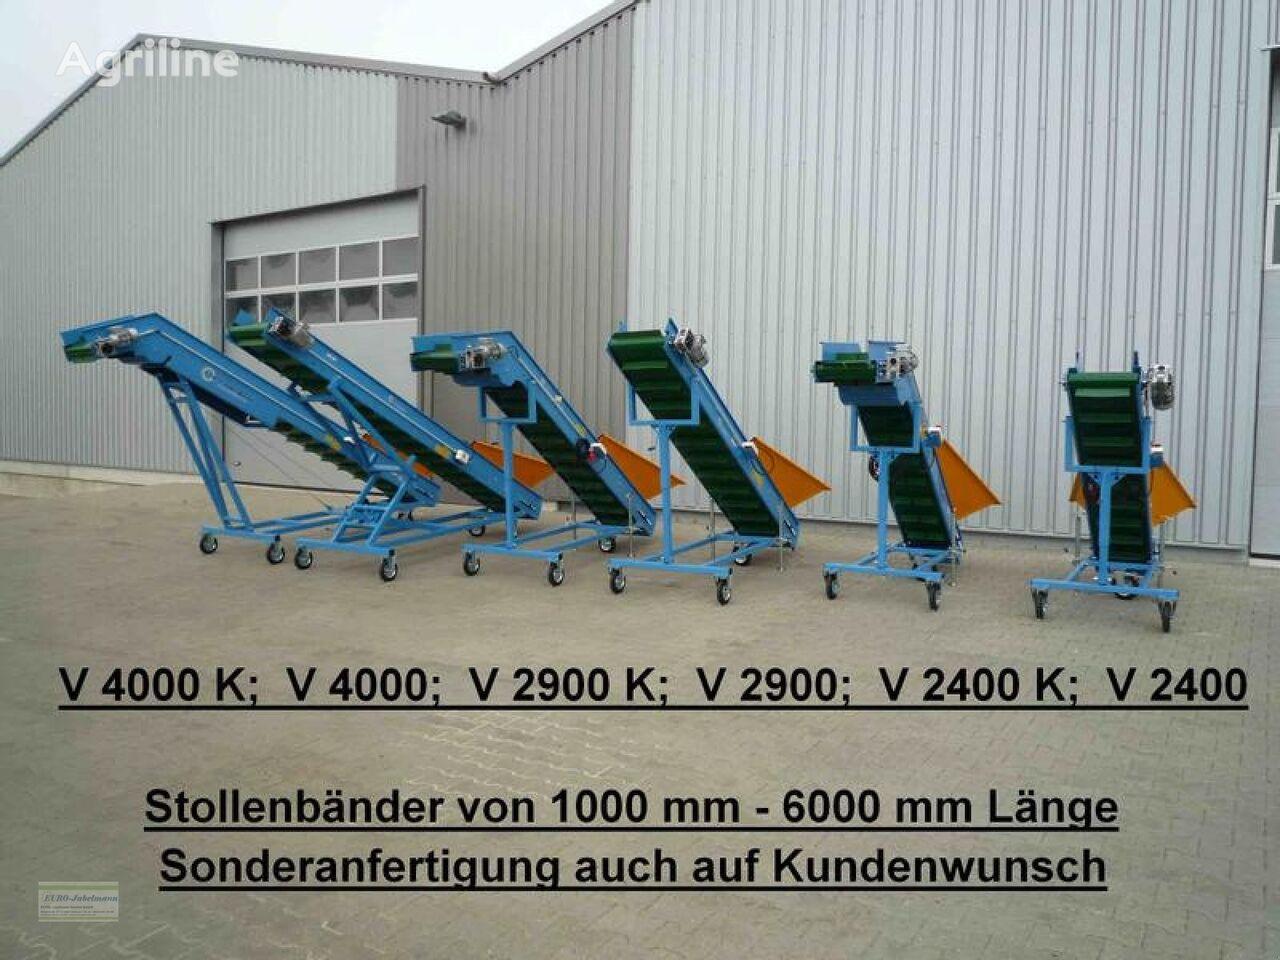 nova Länge: 1000 - 6000 mm, eigene Herstellung (Made in Germany) punilica kontejnera